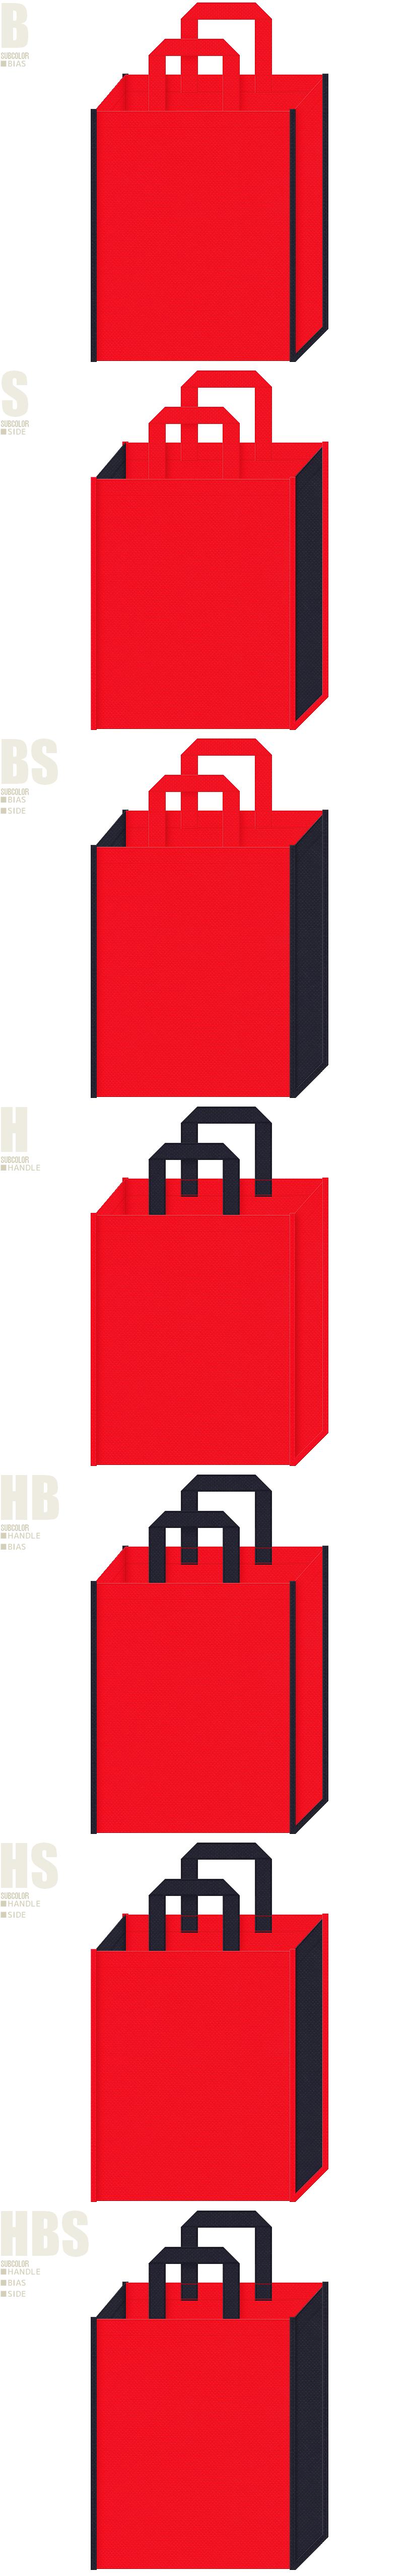 アウトドア・スポーツイベントにお奨めの不織布バッグデザイン:赤色と濃紺色の配色7パターン